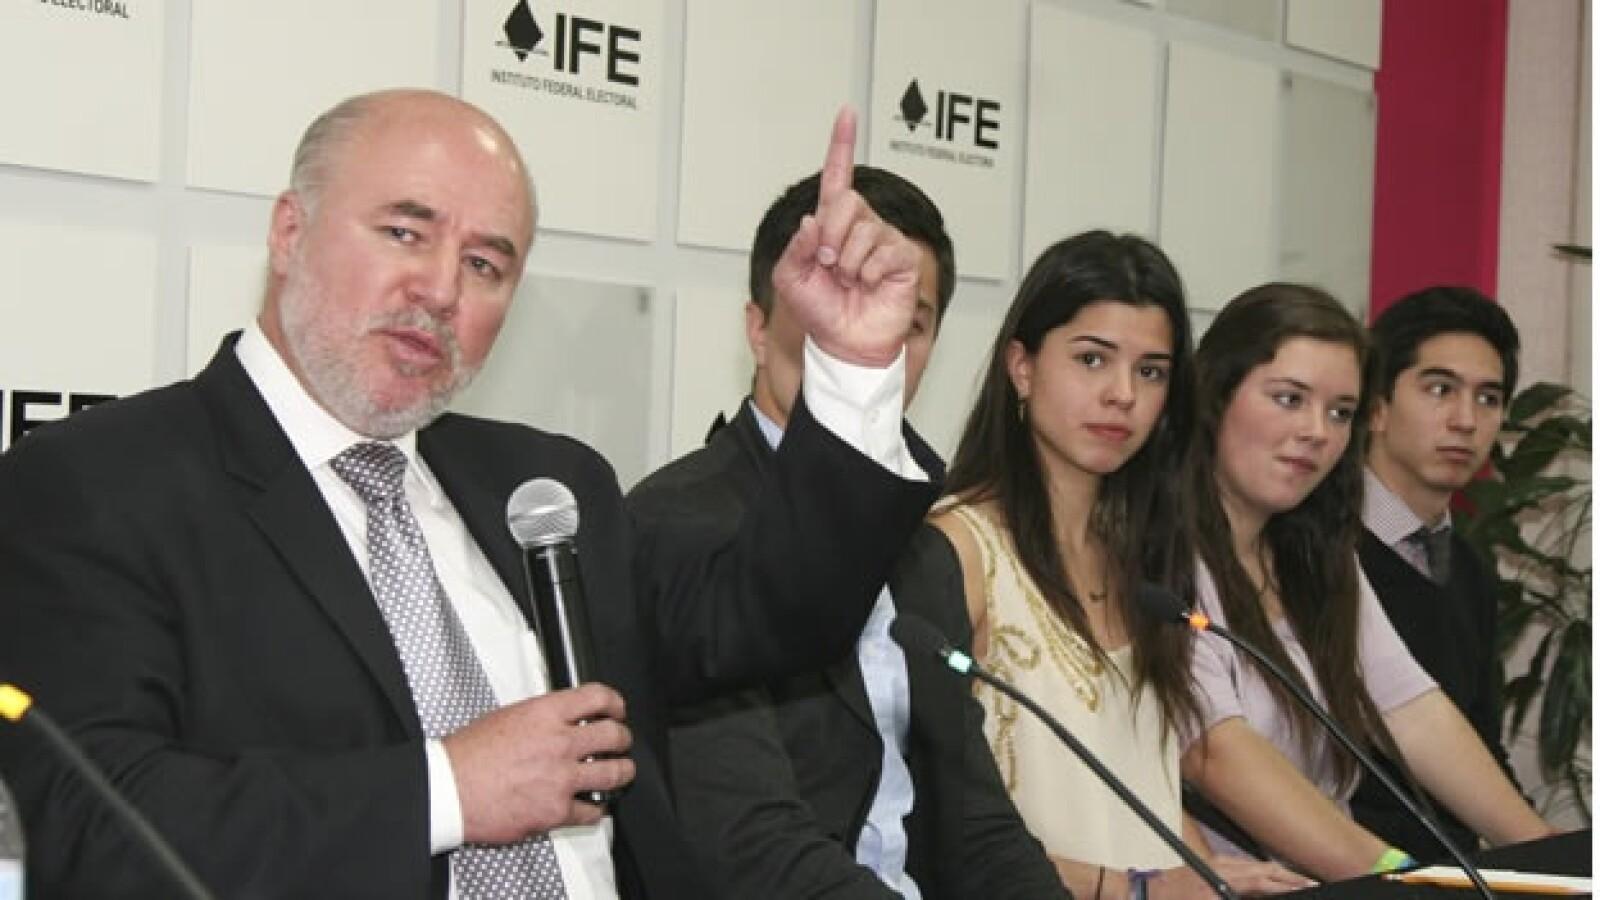 Manuel Clouthier presenta su candidatura ante la oficialia de partes del IFE